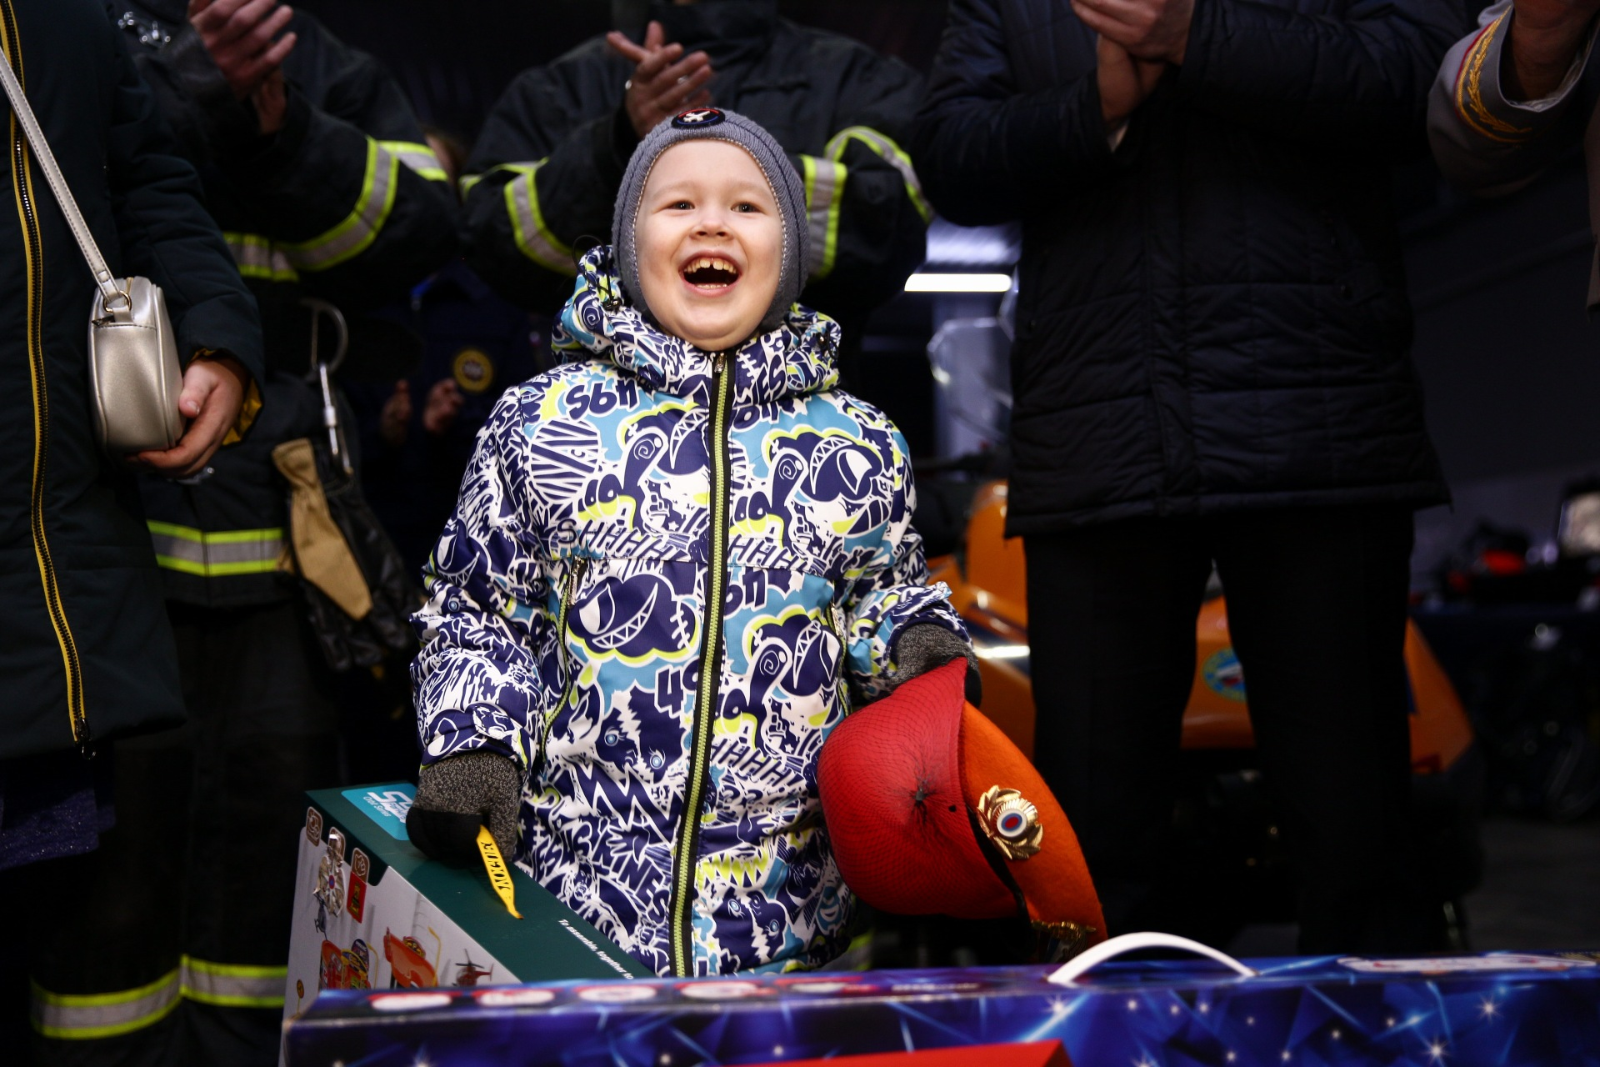 Спасатели Верхневолжья исполнили  мечту юного жителя Тверской области Глеба Праволюбова ФОТО